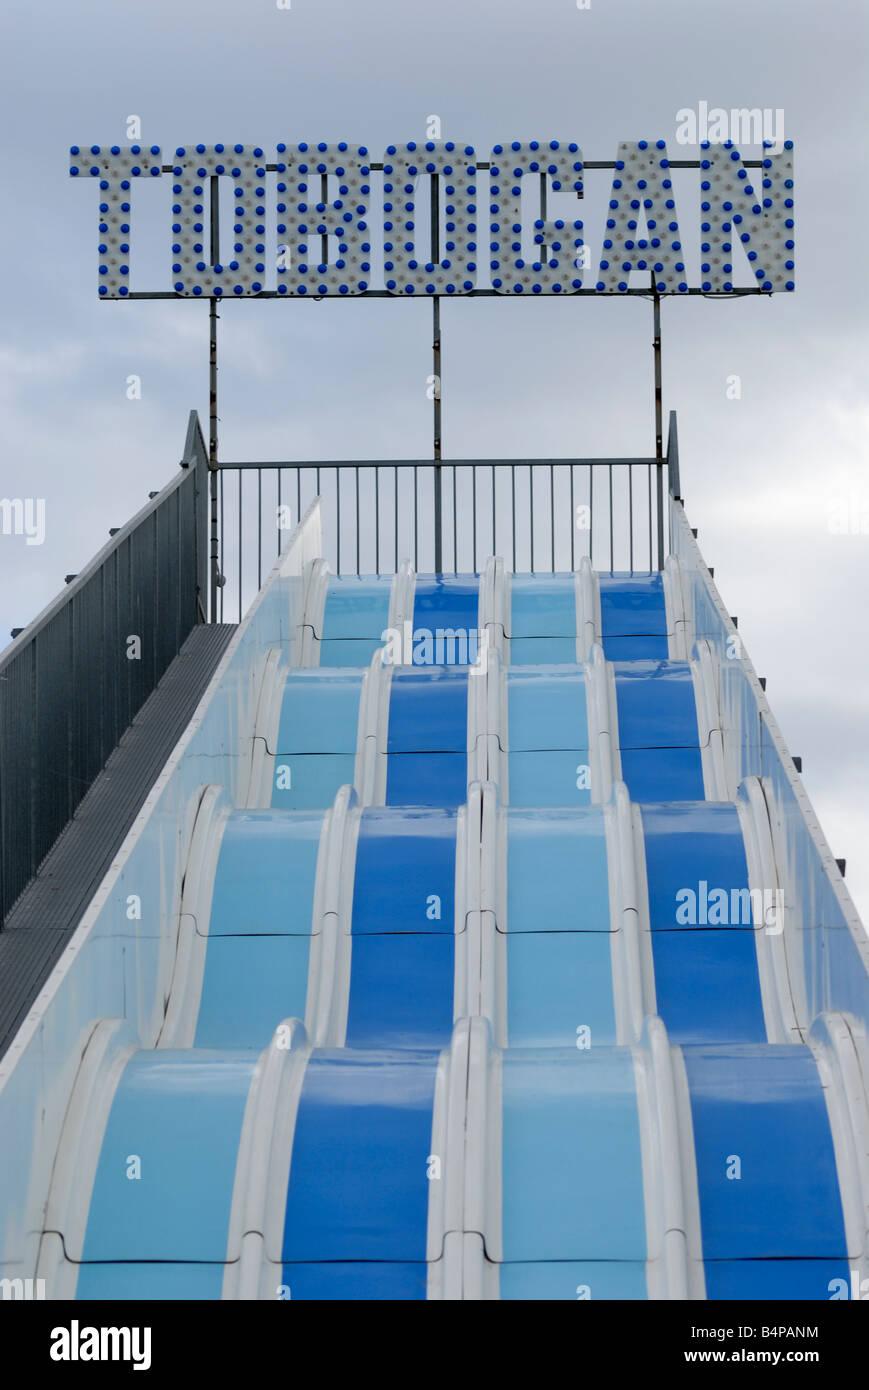 slide - Stock Image